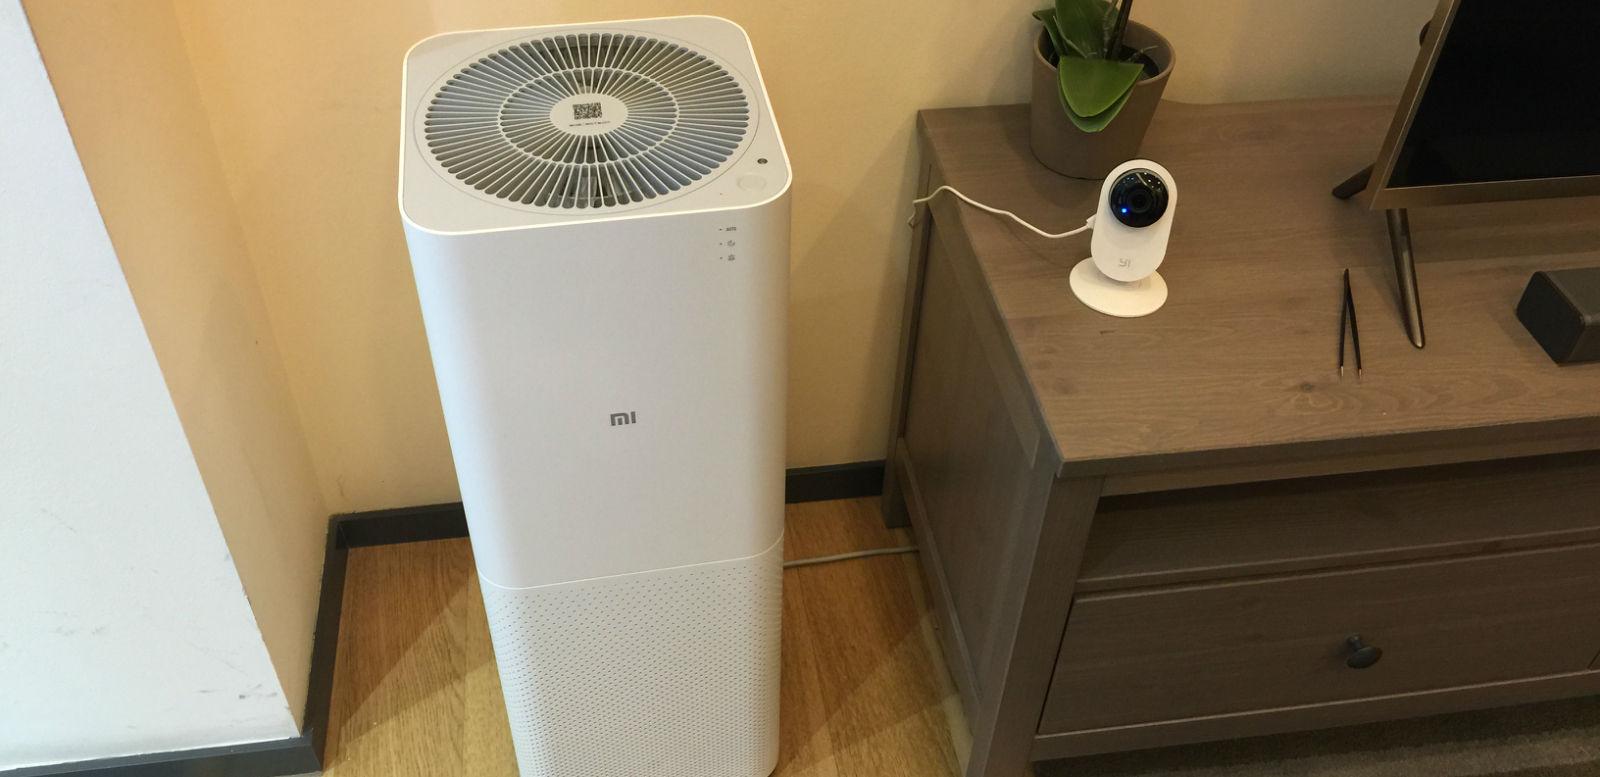 售价899元的小米空气净化器到底有何不同?